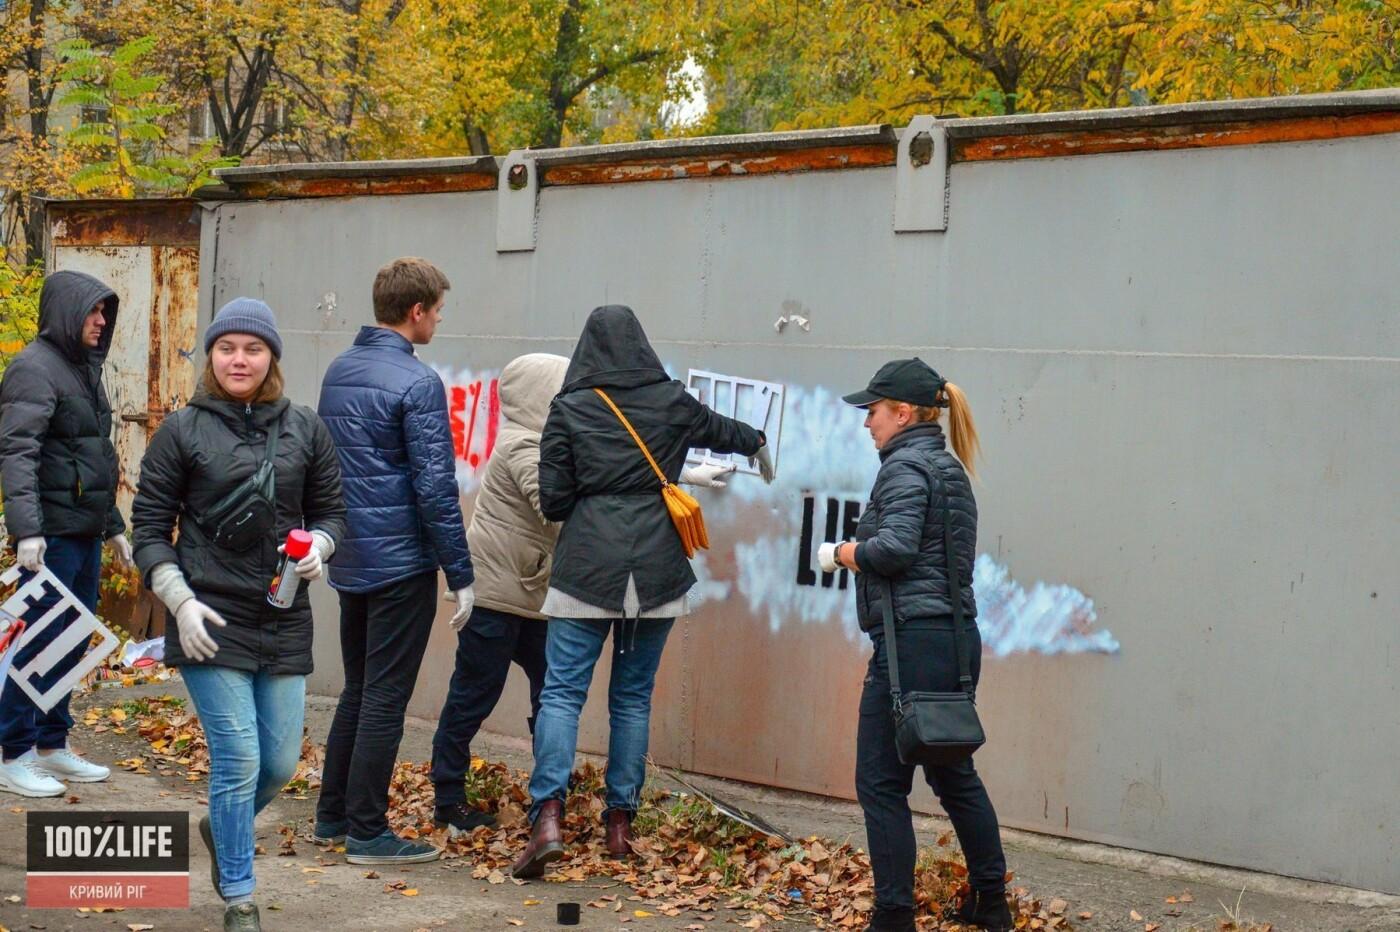 Криворожские подростки вместе с копами зарисовывали незаконную рекламу наркотиков, - ФОТО , фото-16